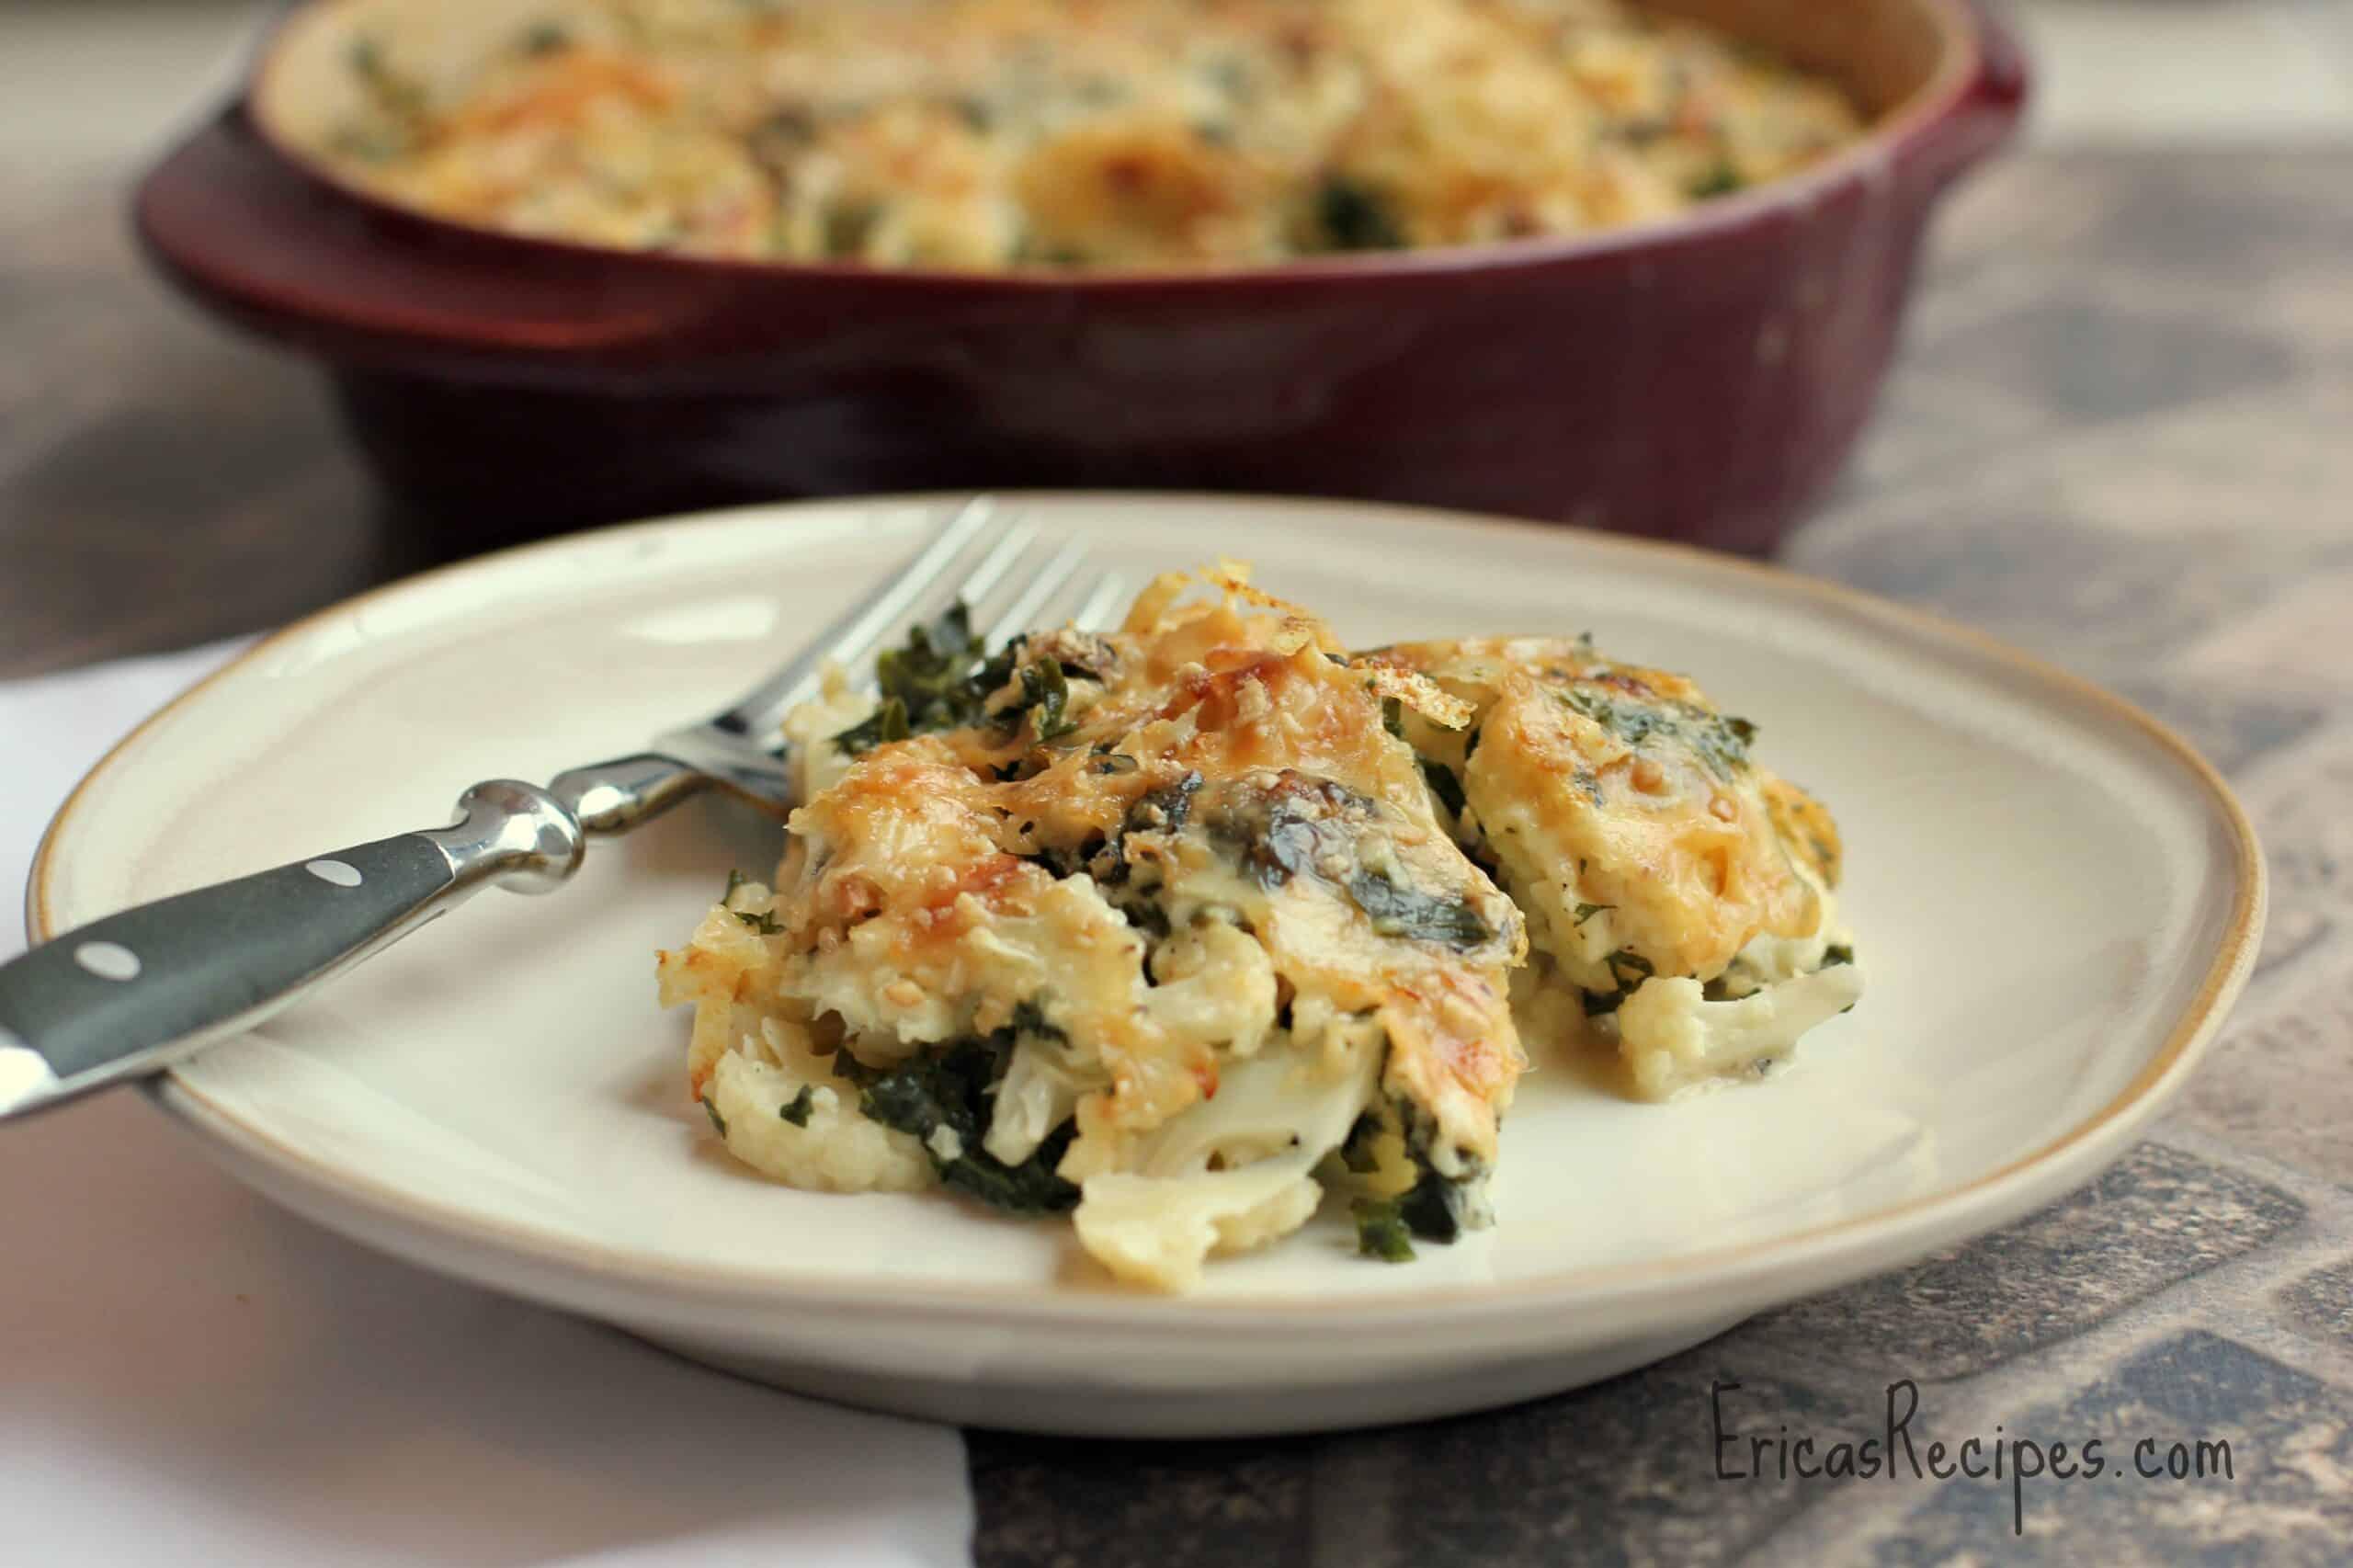 Cauliflower and Kale Gratin (Gluten-Free)